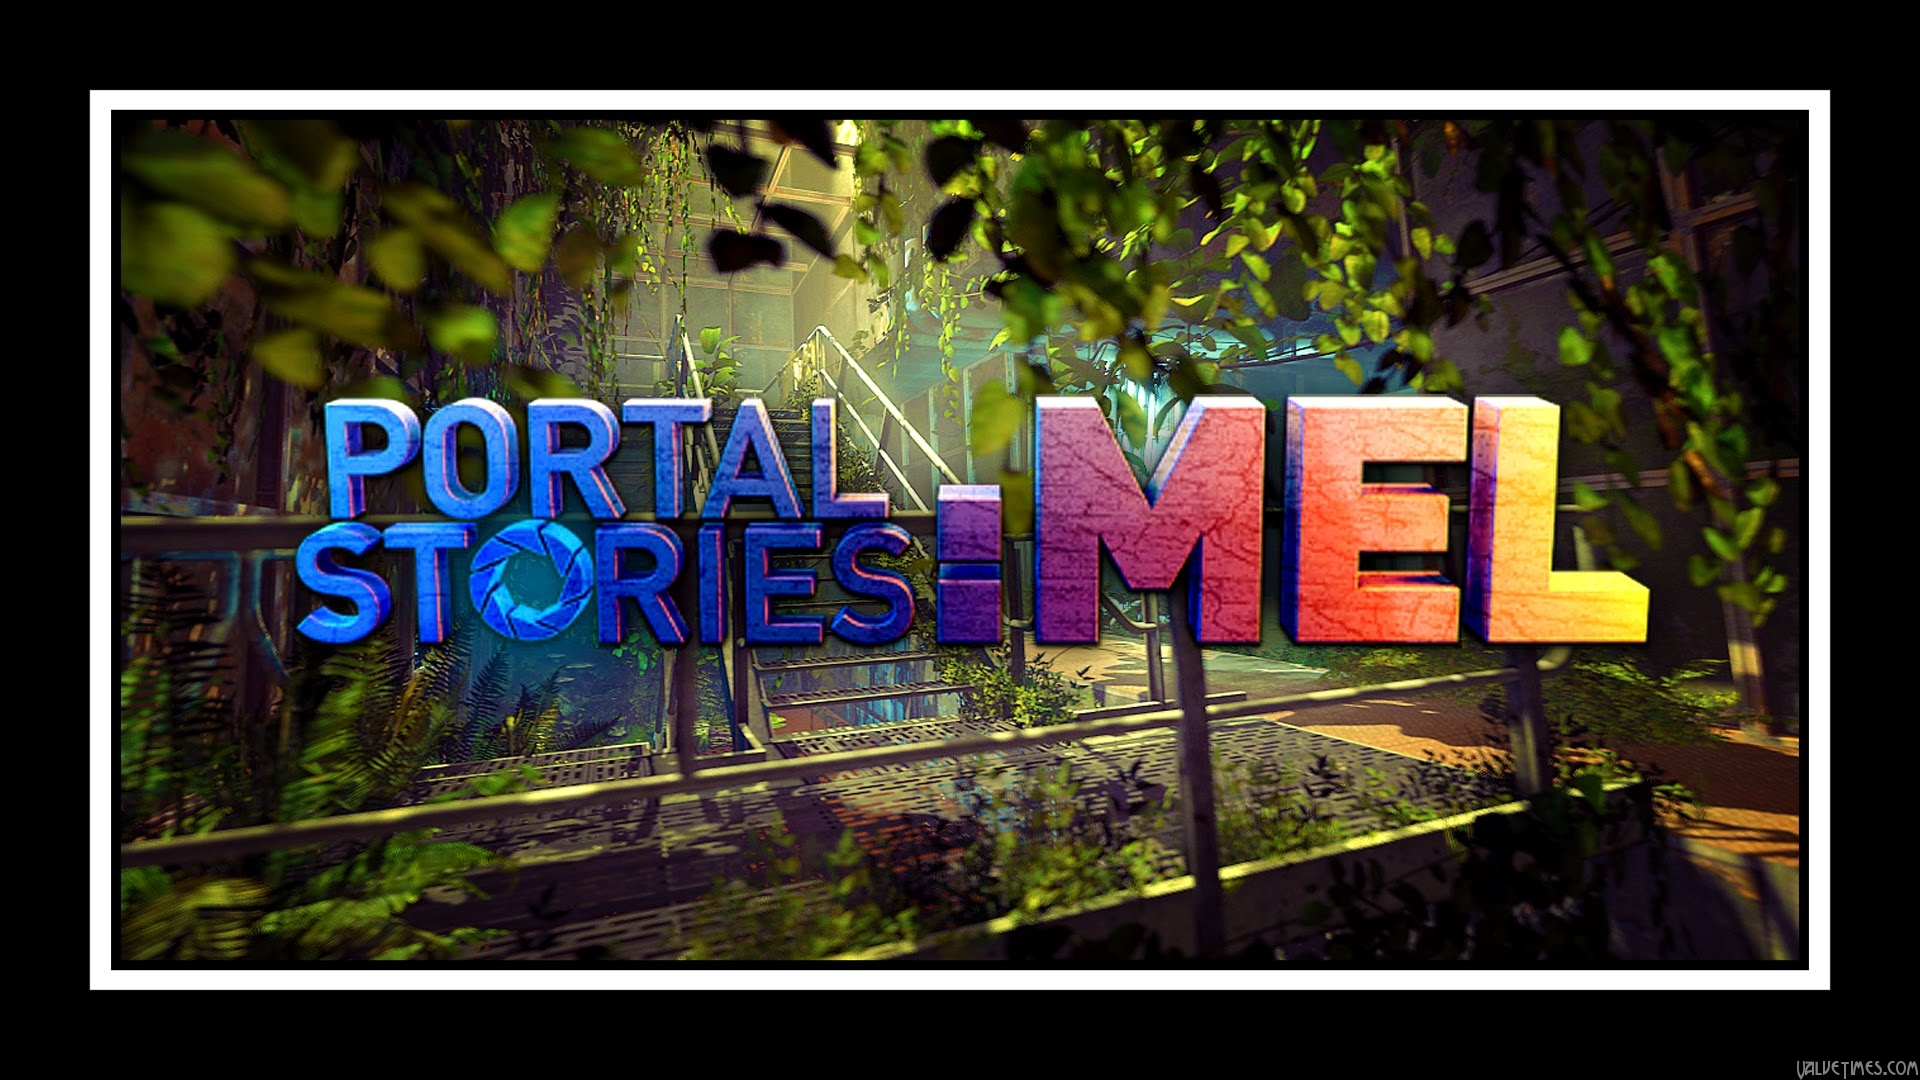 Portal Stories: Mel — мод к Portal 2 ожидается в первом квартале 2015 года